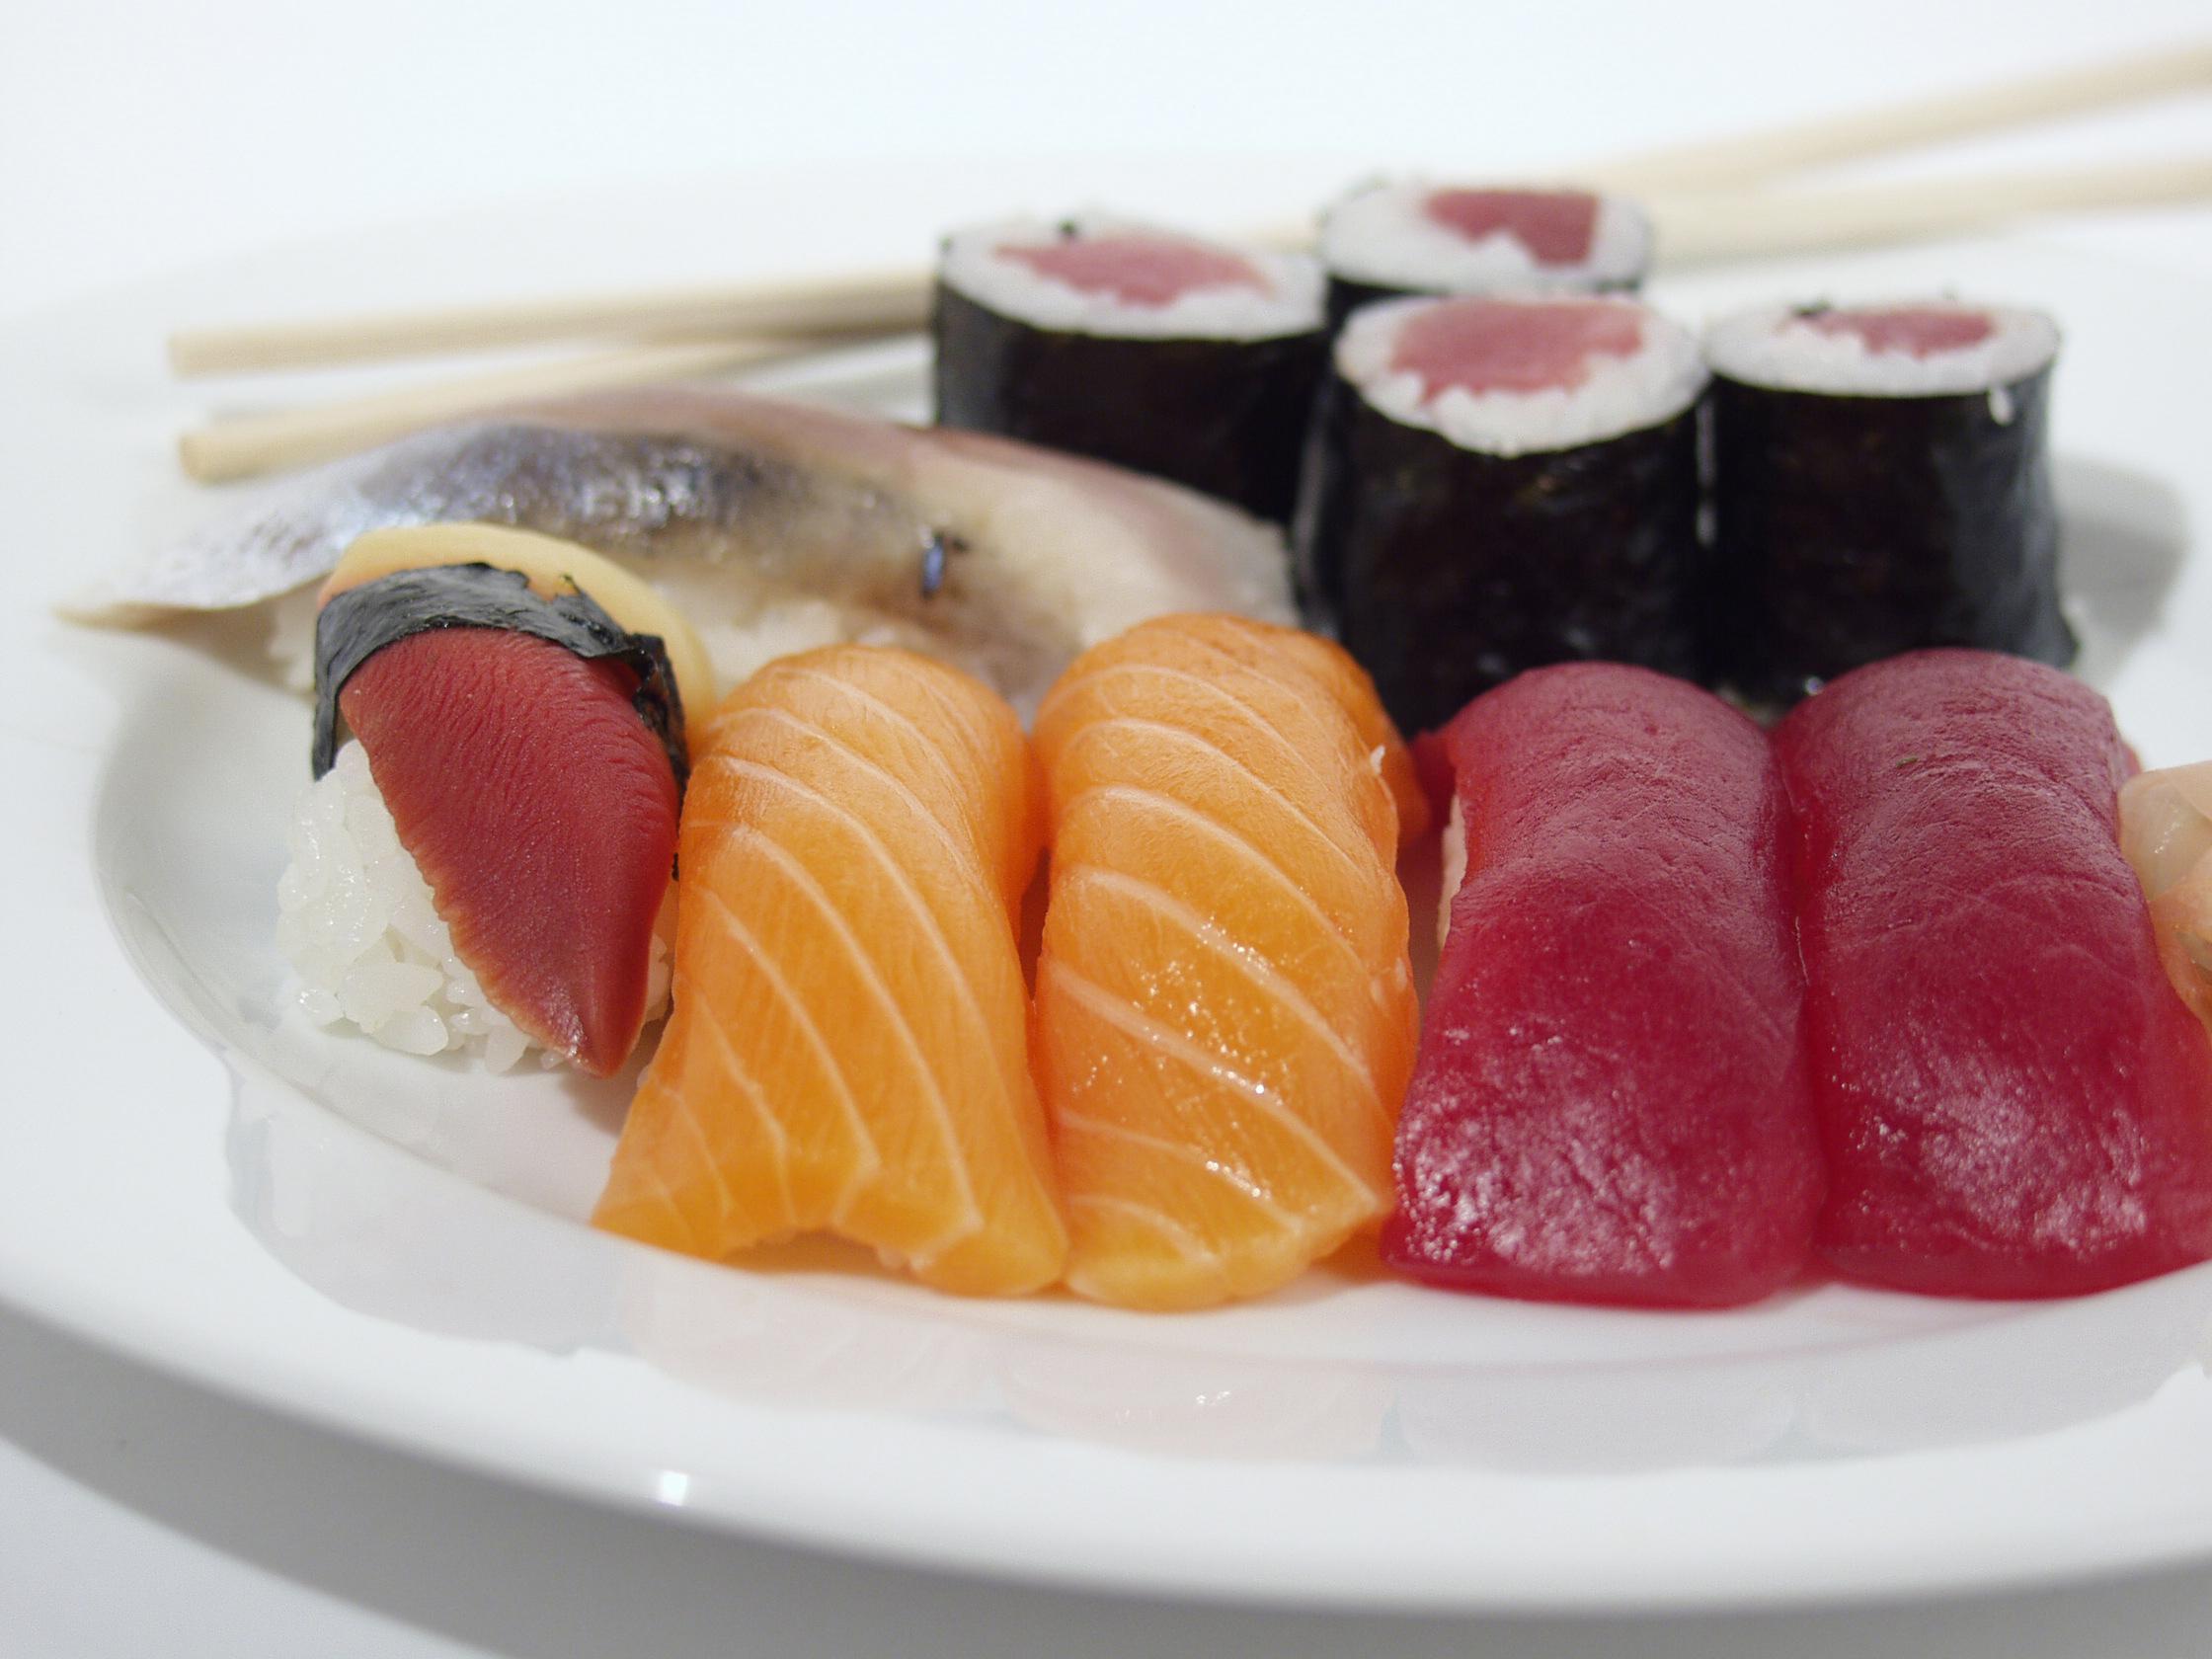 Il pesce crudo è uno dei cibi da evitare in gravidanza